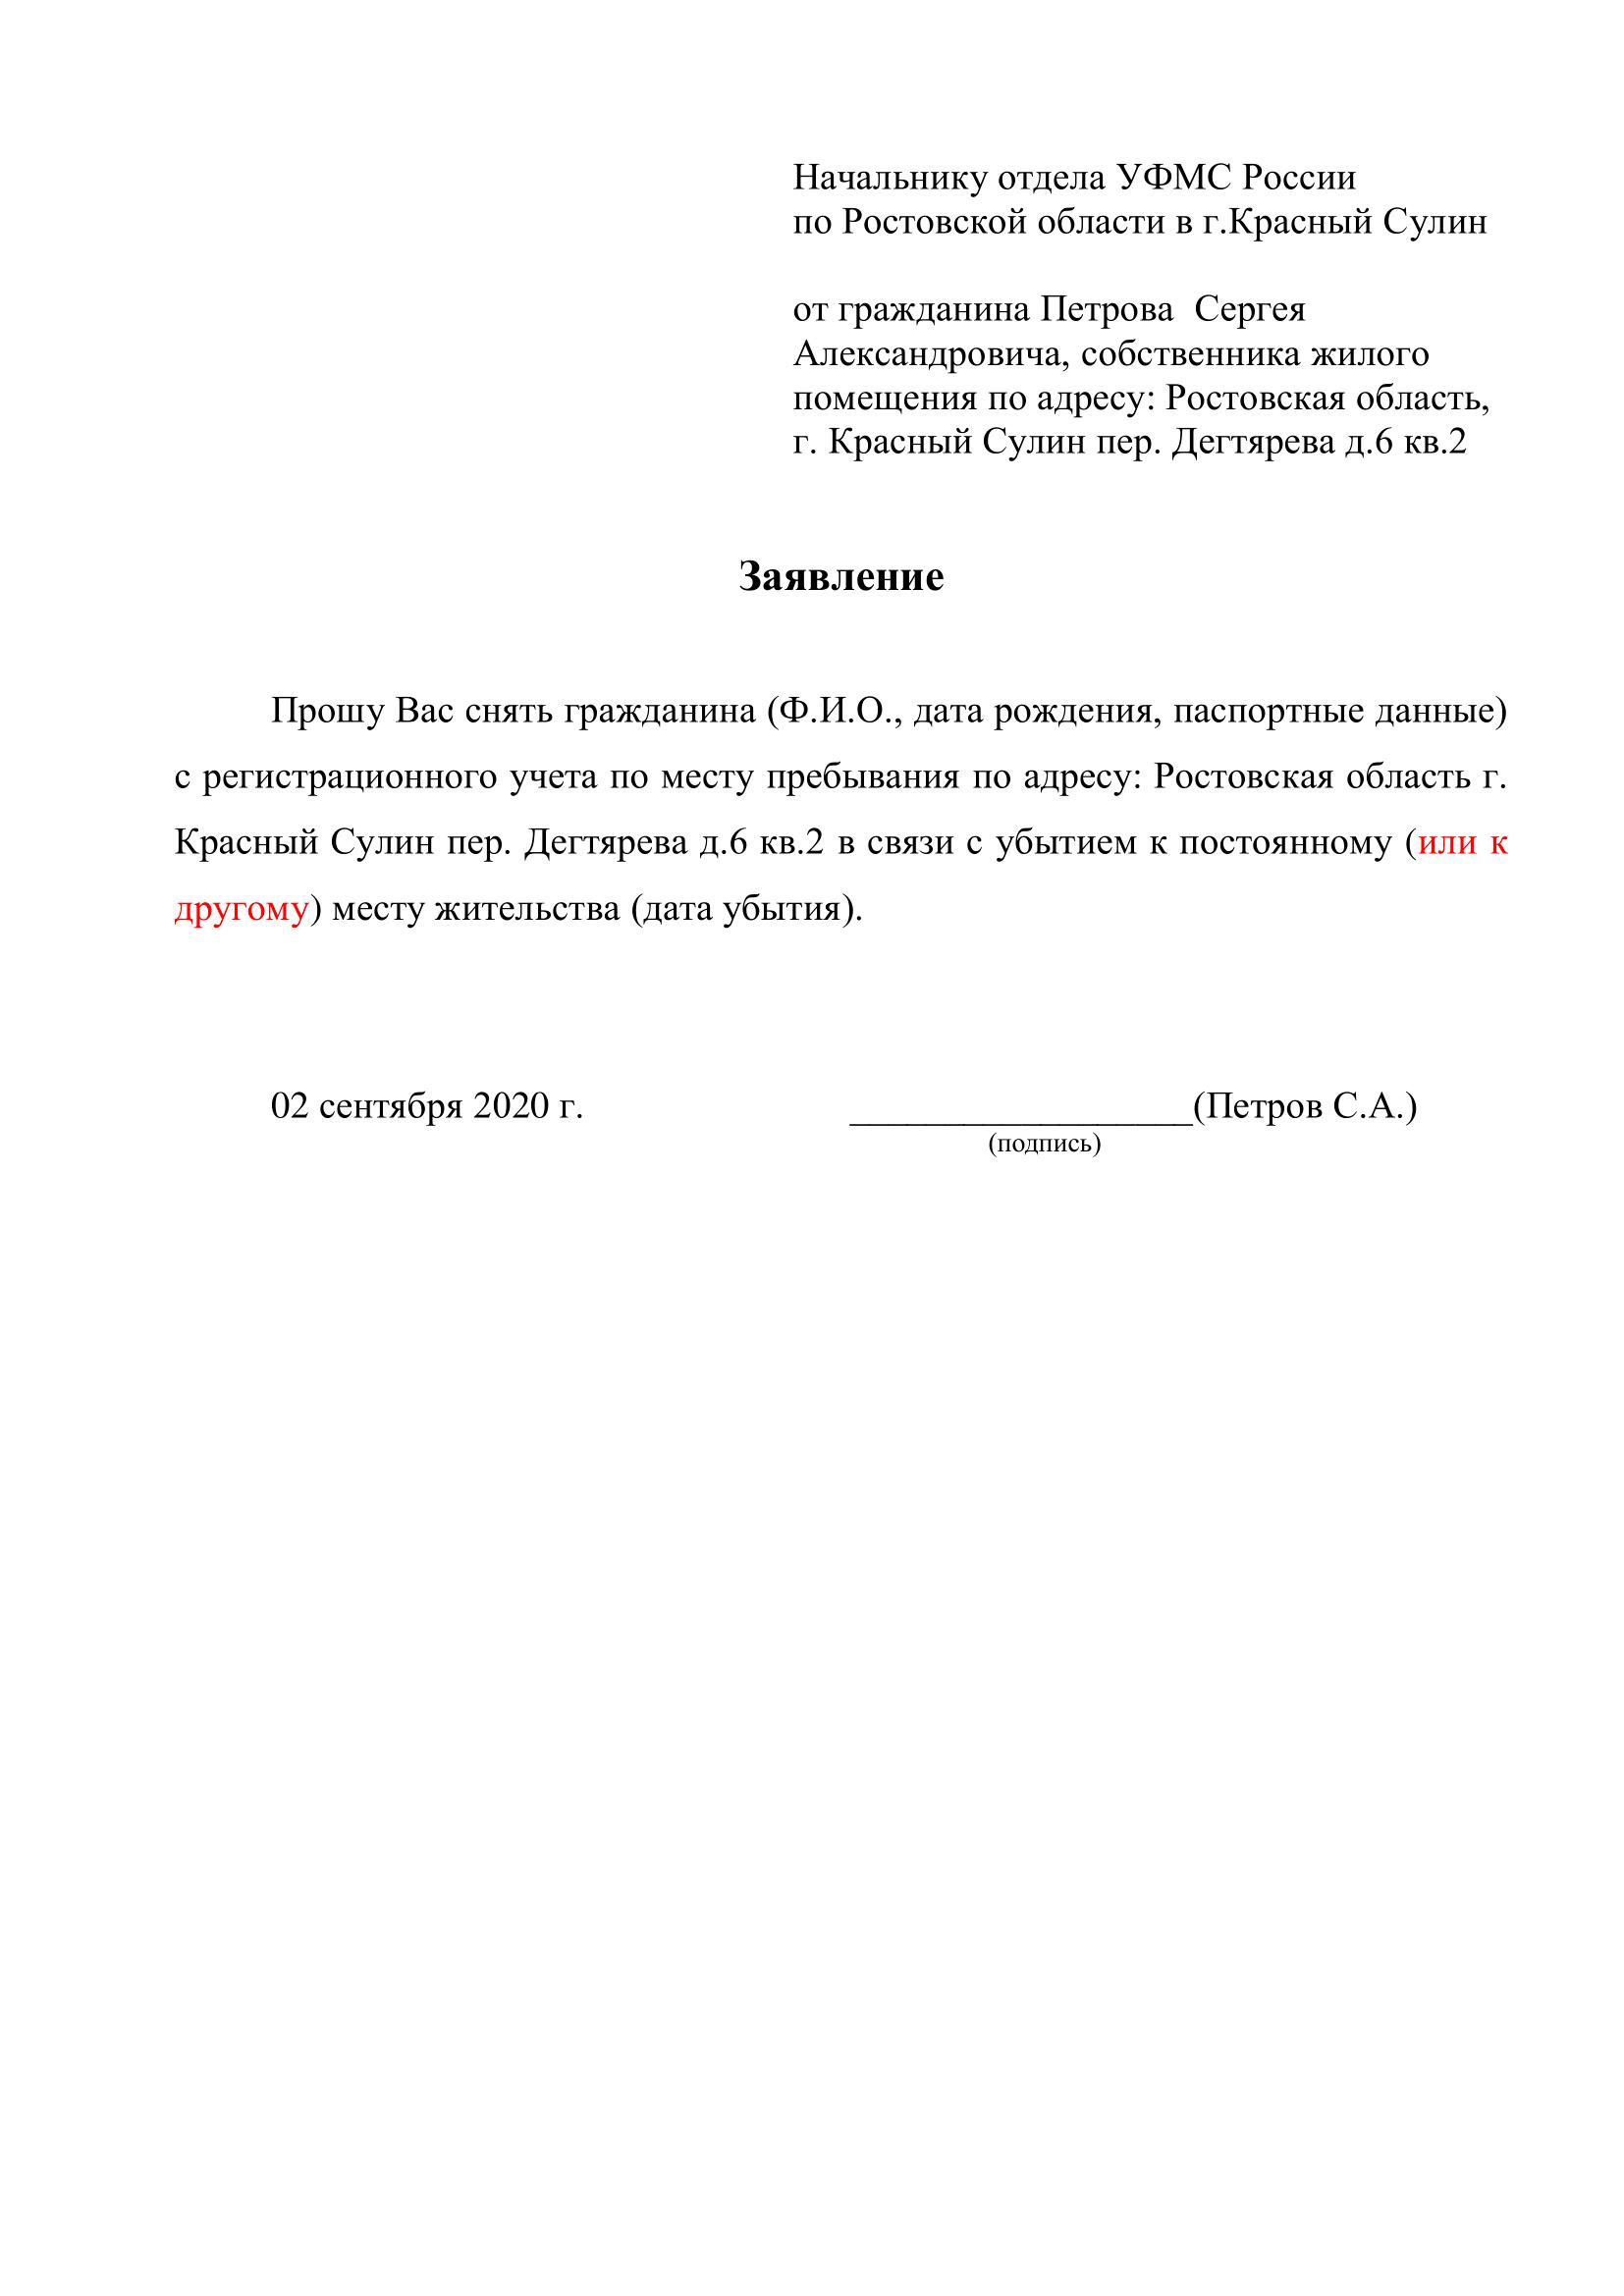 Заявление от собственника на снятие с временной регистрации